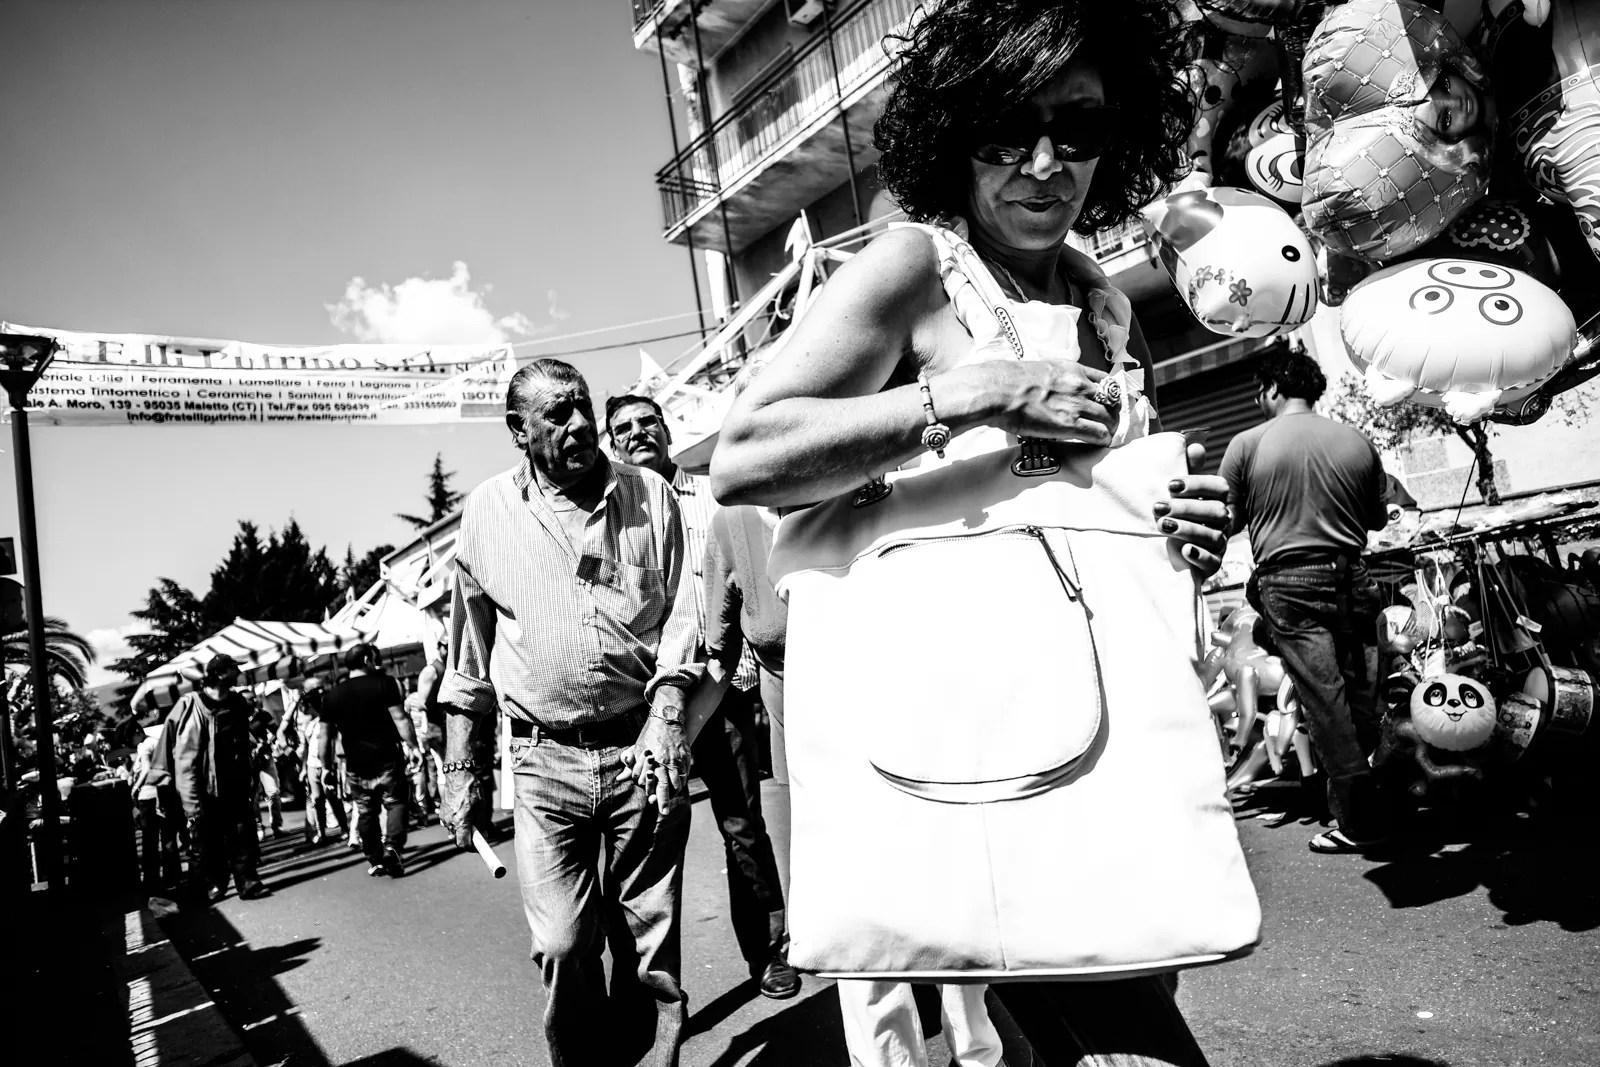 DSCF0716 - Un Giorno di festa - Sagra a Maletto [Street Photography] - fotostreet.it